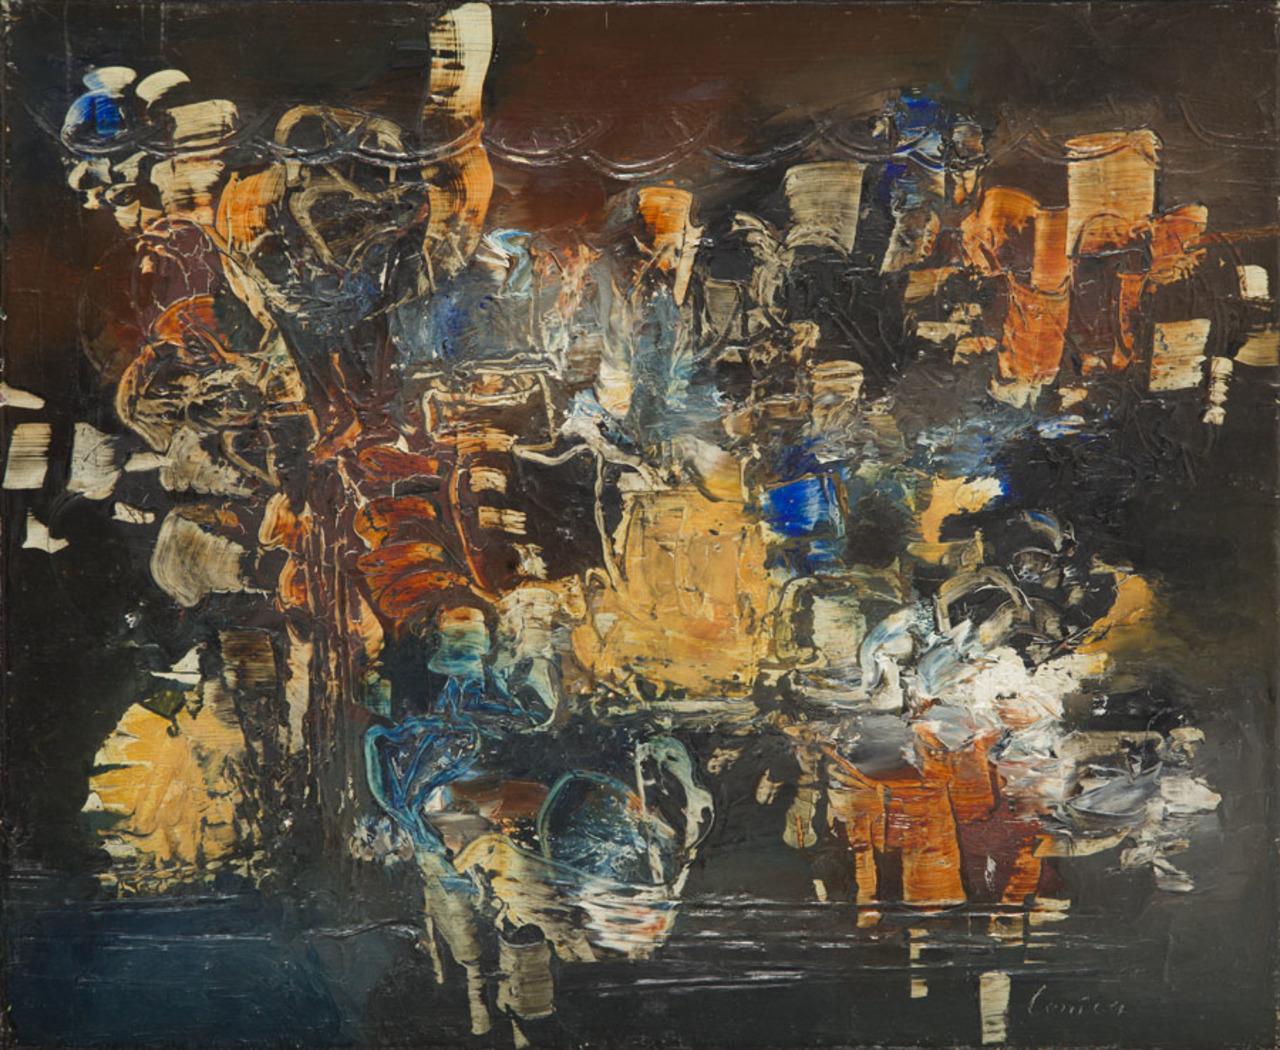 Sztuka Współczesna: Klasycy   Artinfo pl - portal rynku sztuki